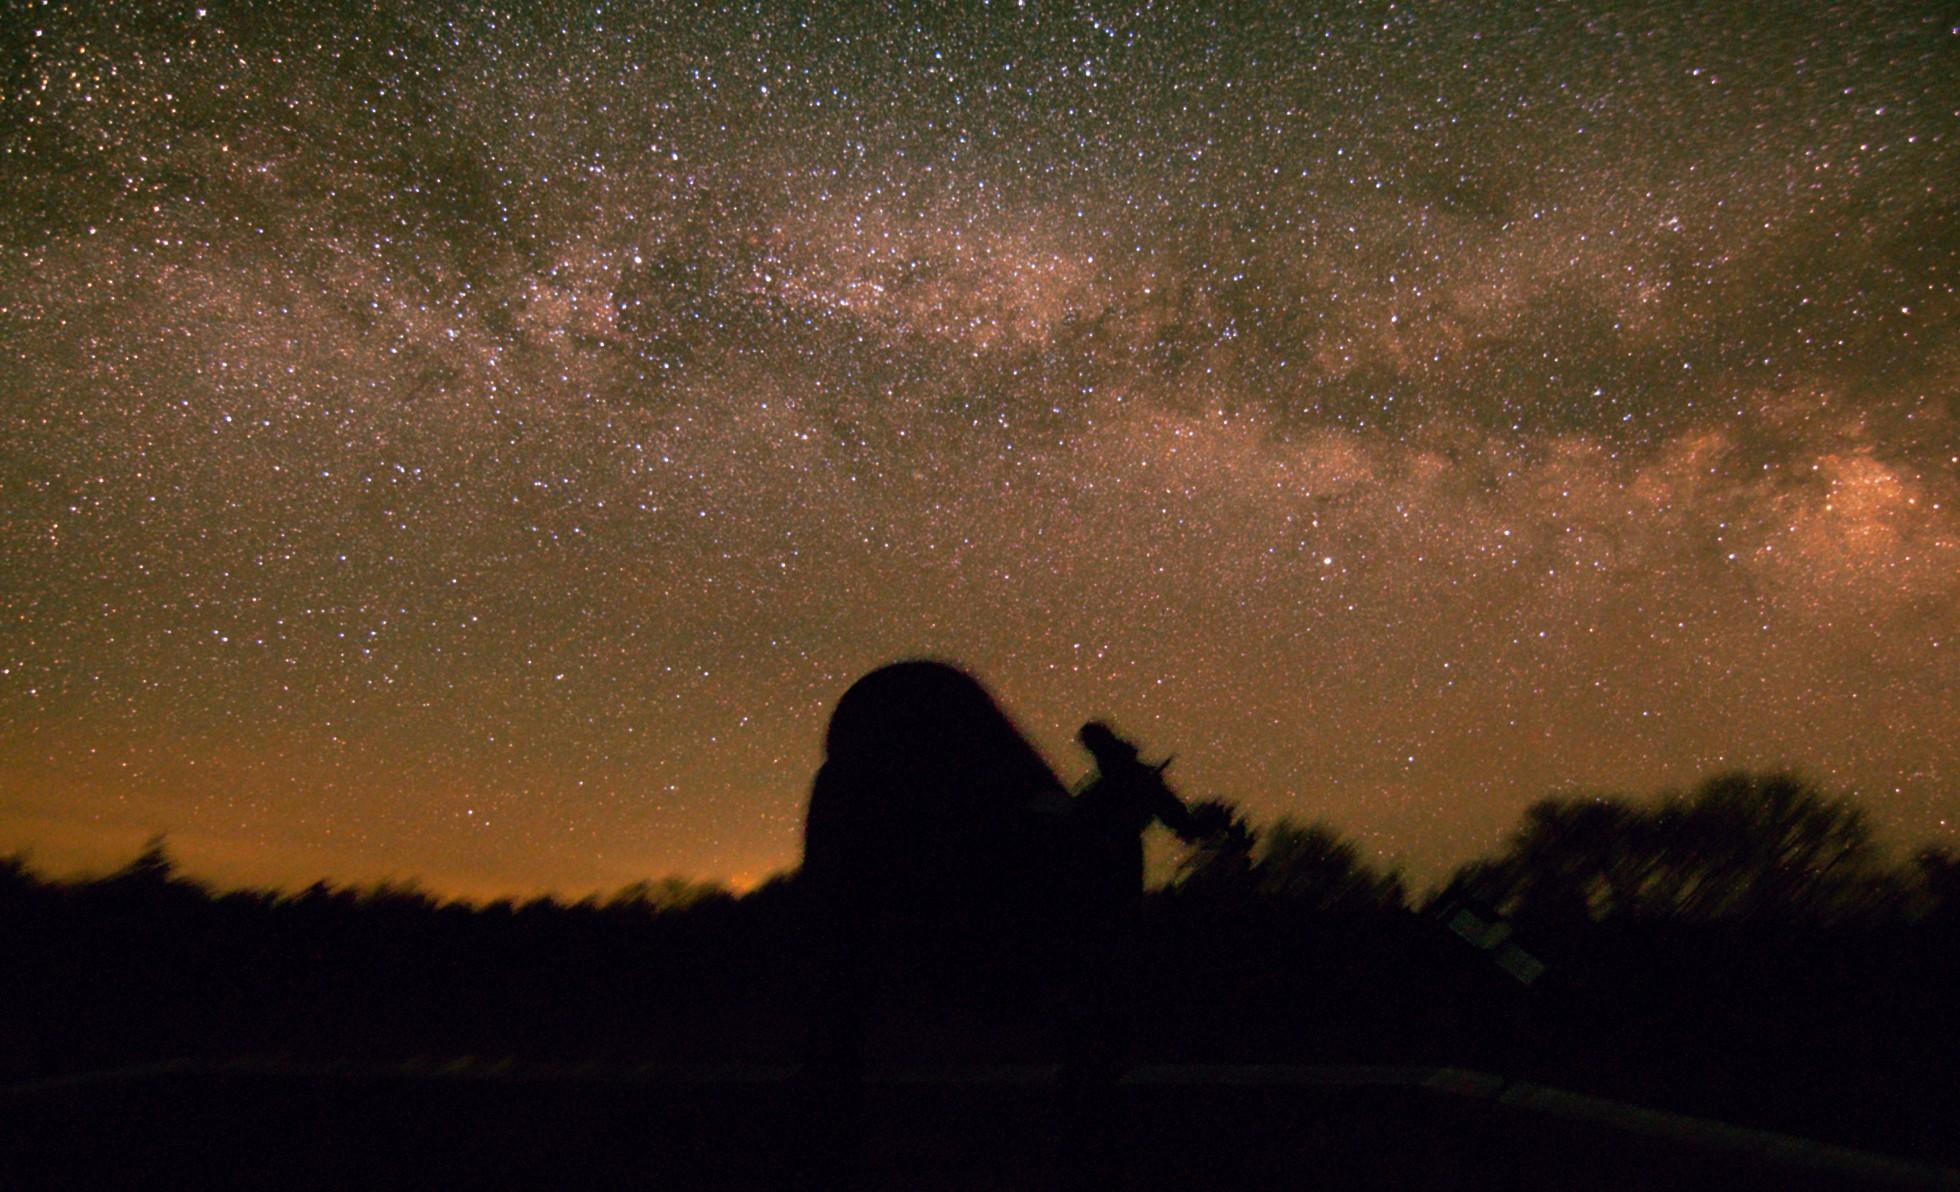 Die Milchstraße über der Beobachtungsplattform. Im Vordergrund ist das C10 zu sehen. Das Bild besteht aus 40 Bildern à 13s Belichtungszeit, 11mm Brennweite und ISO3200